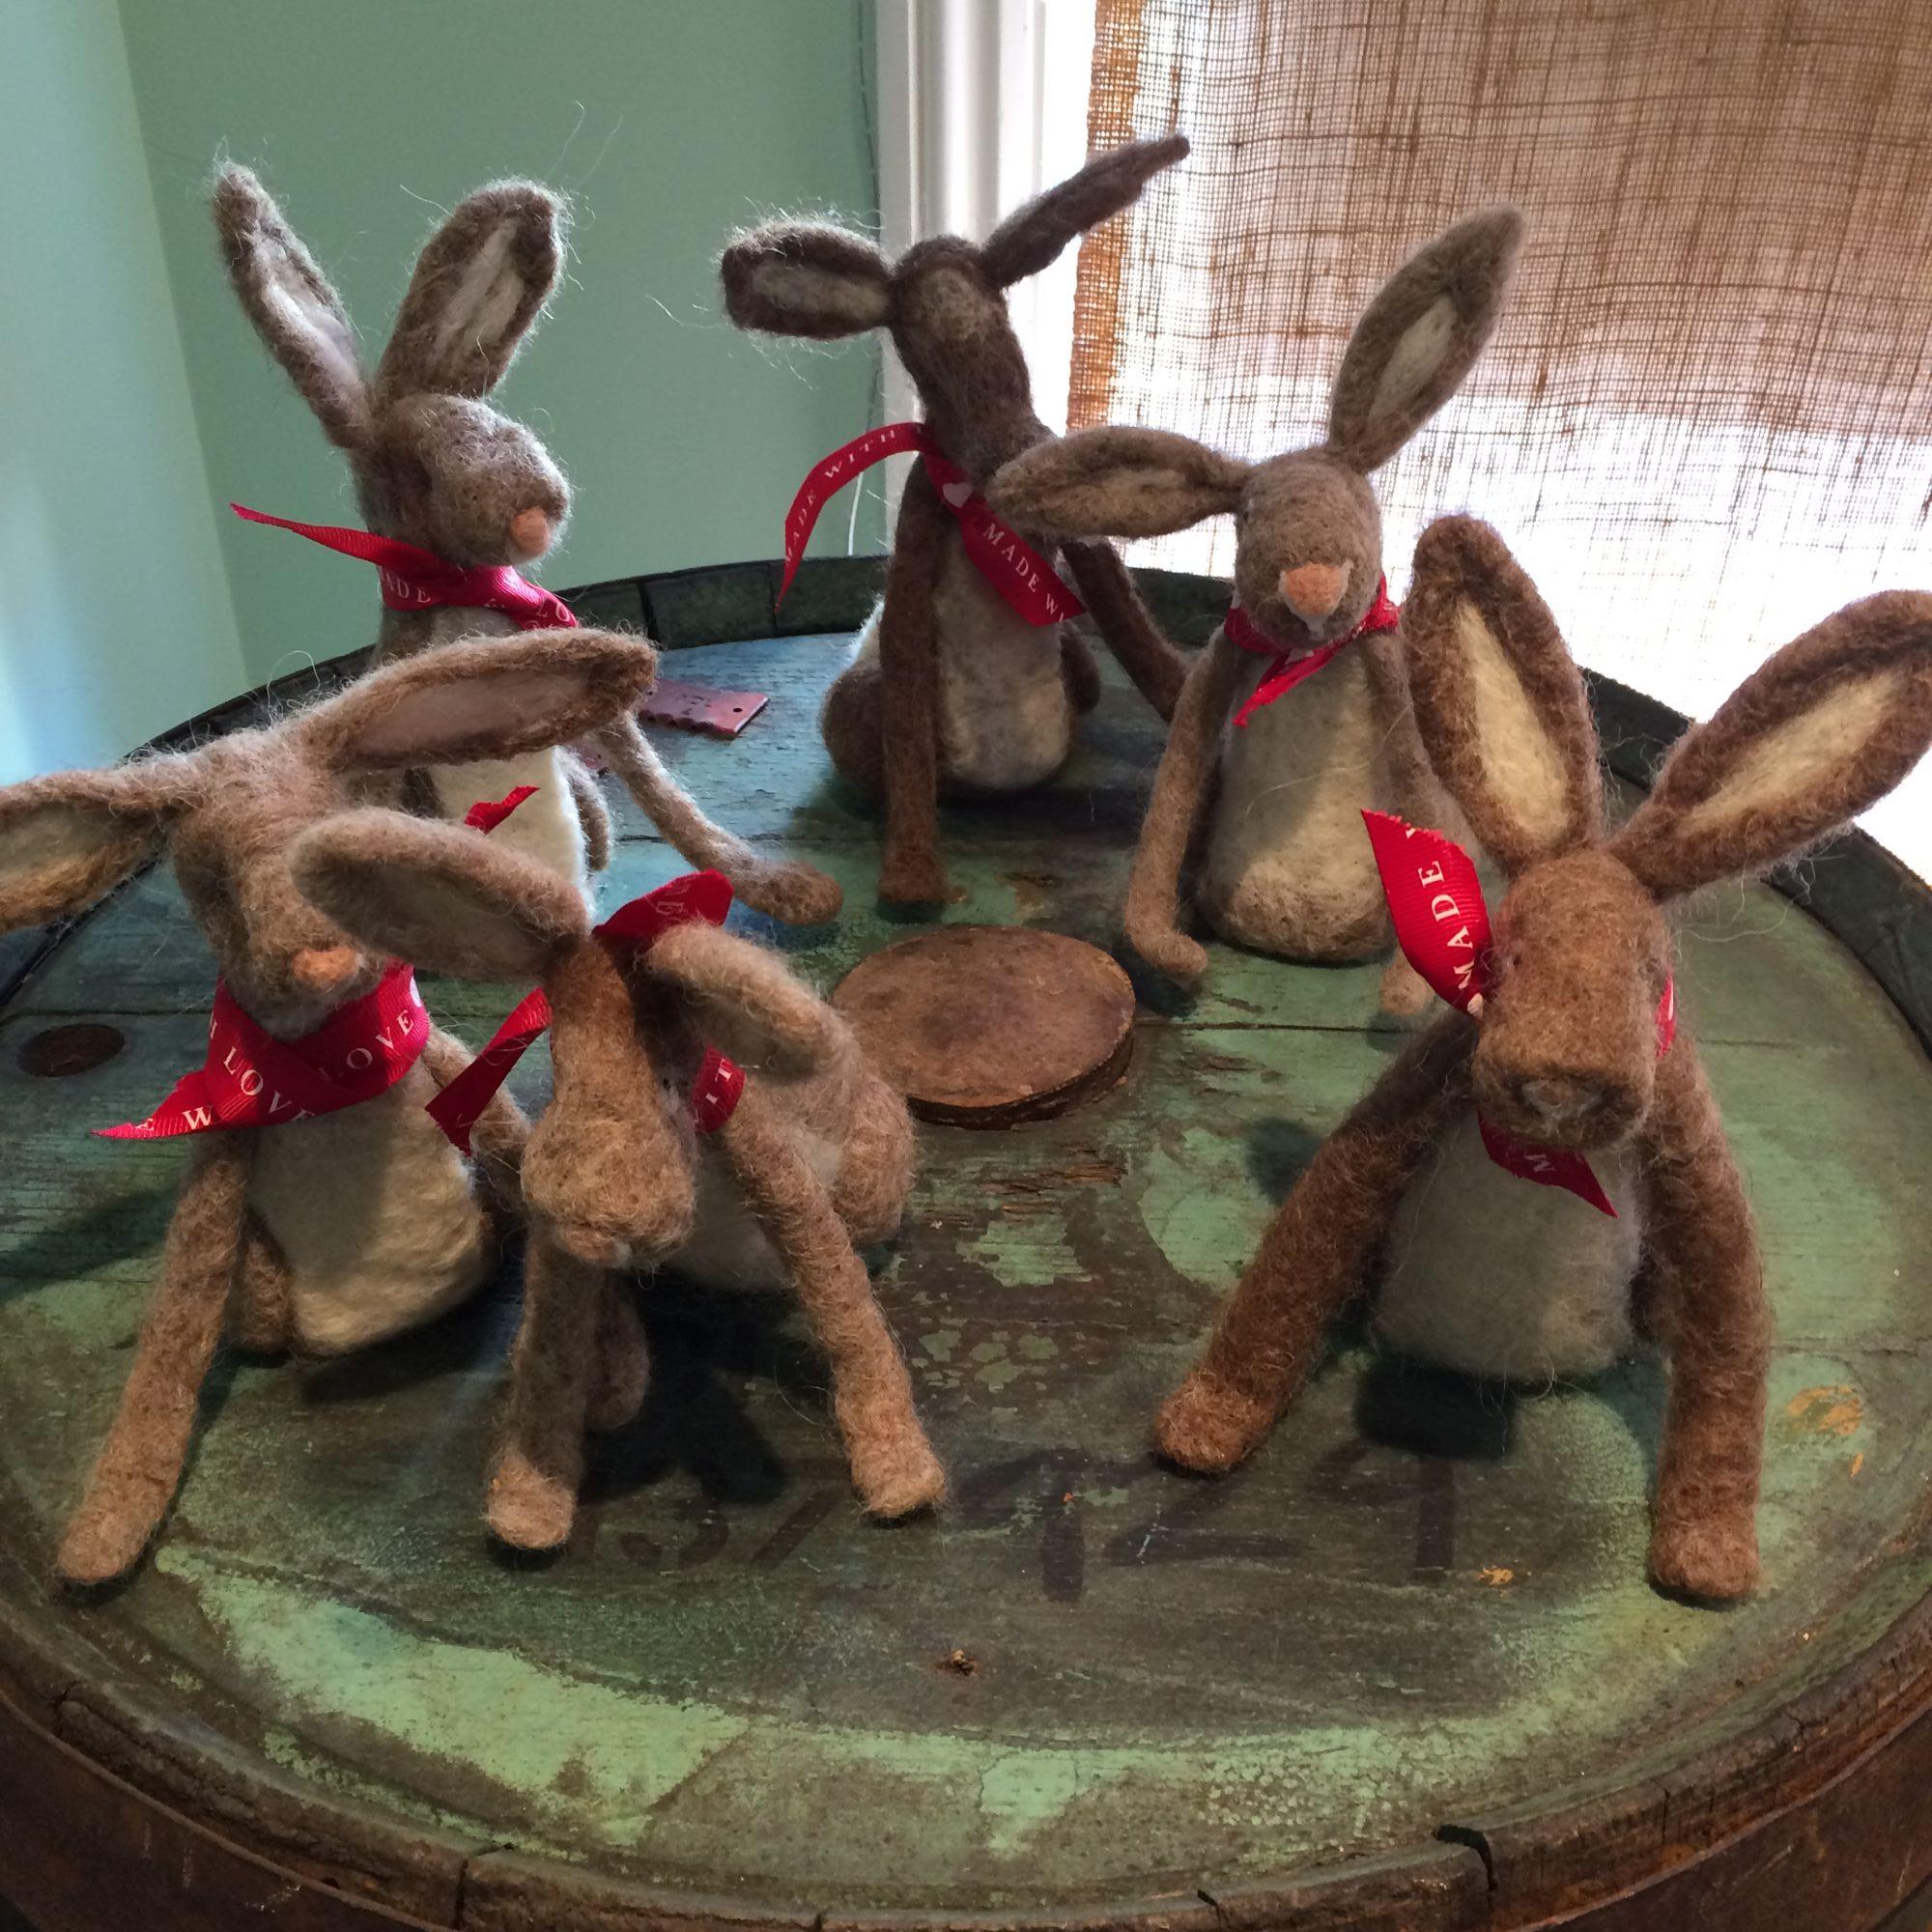 Hare Needle Felting Workshop - Dry Felting